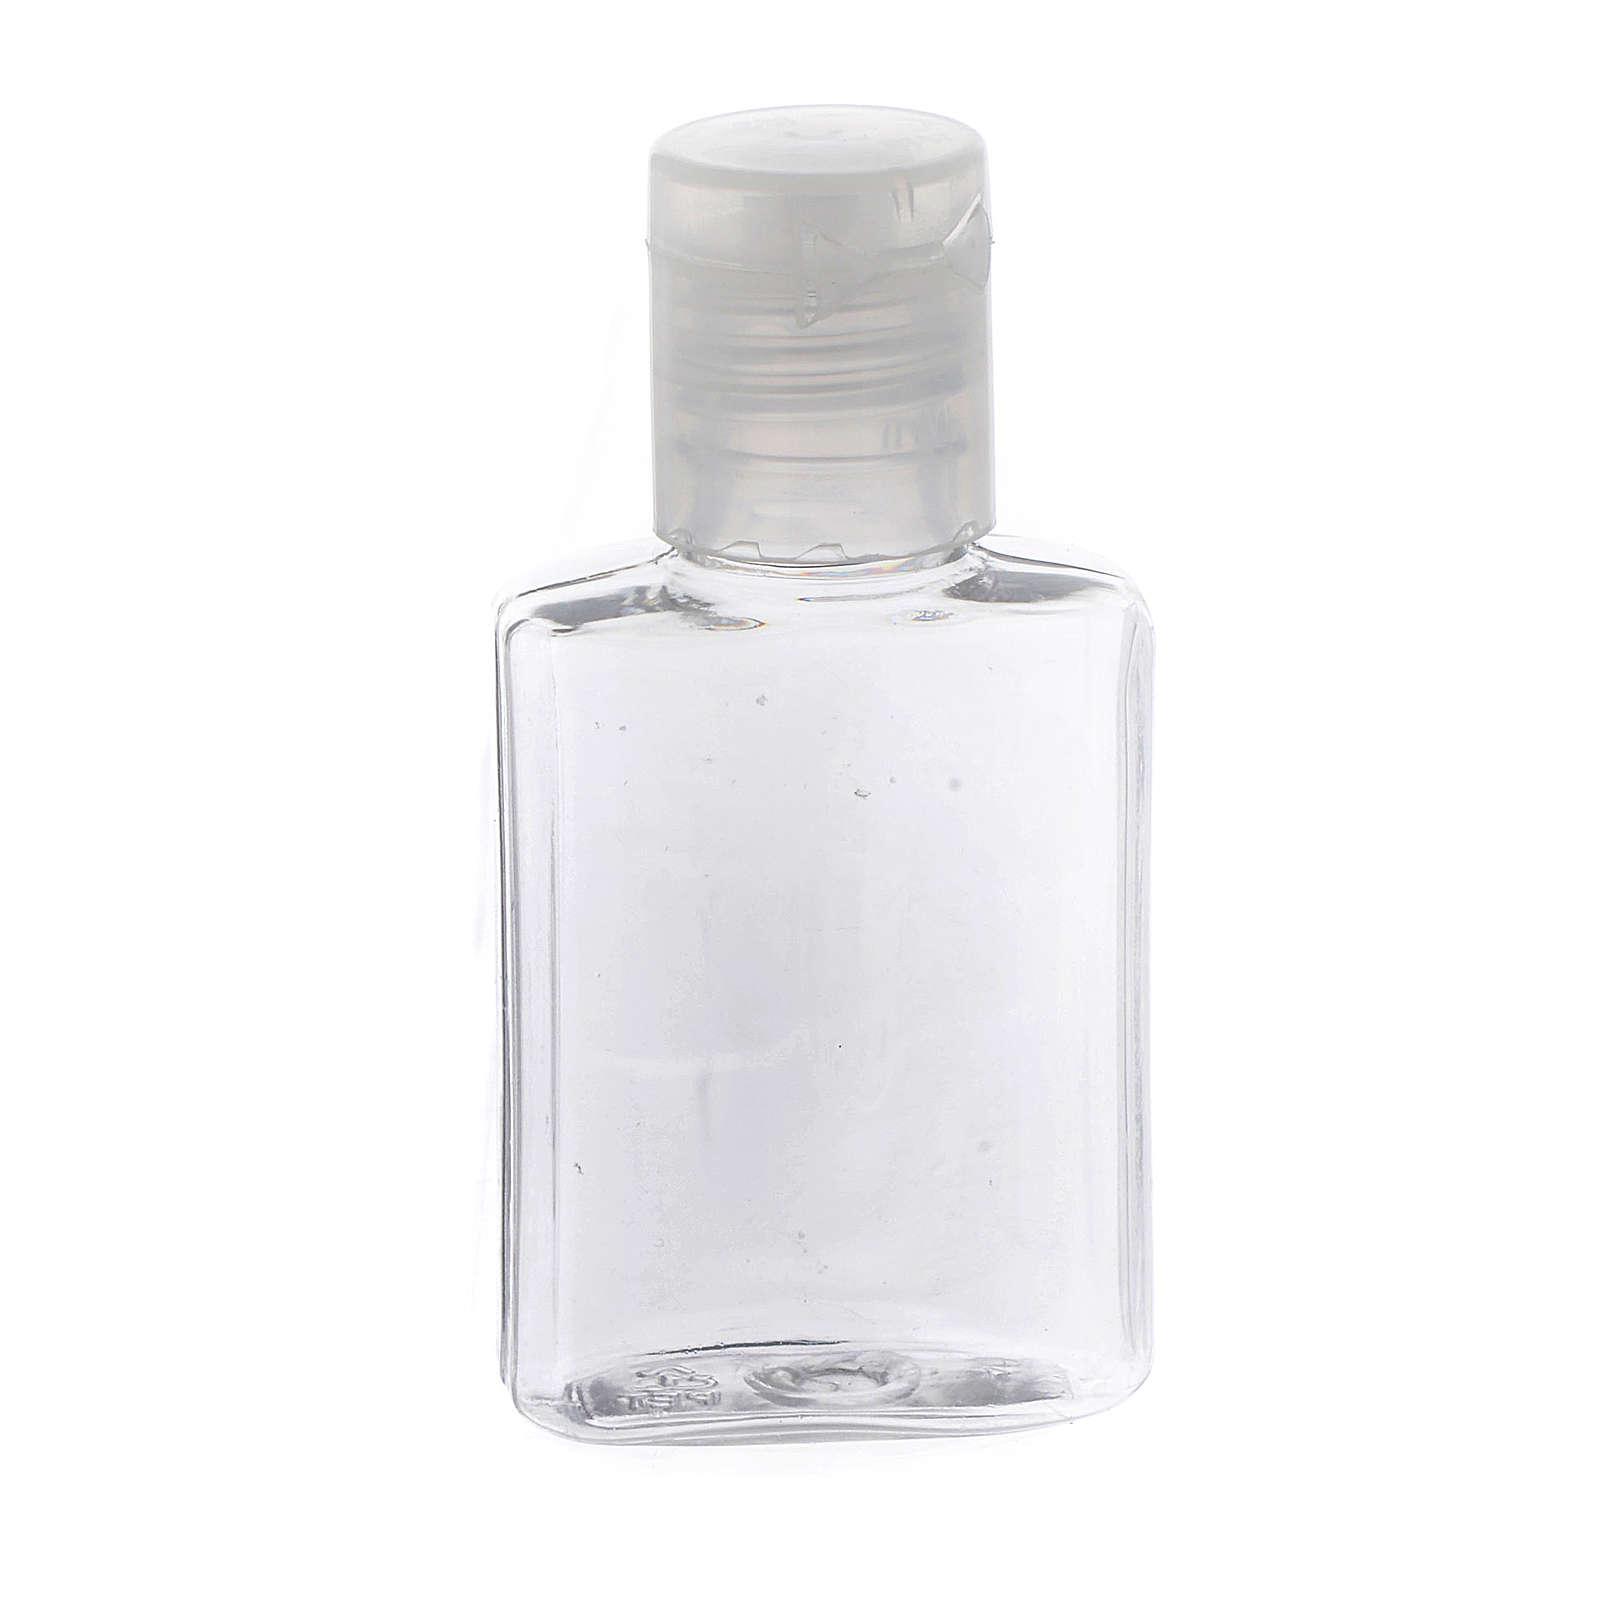 Botella para agua bendita plástico transparente 3